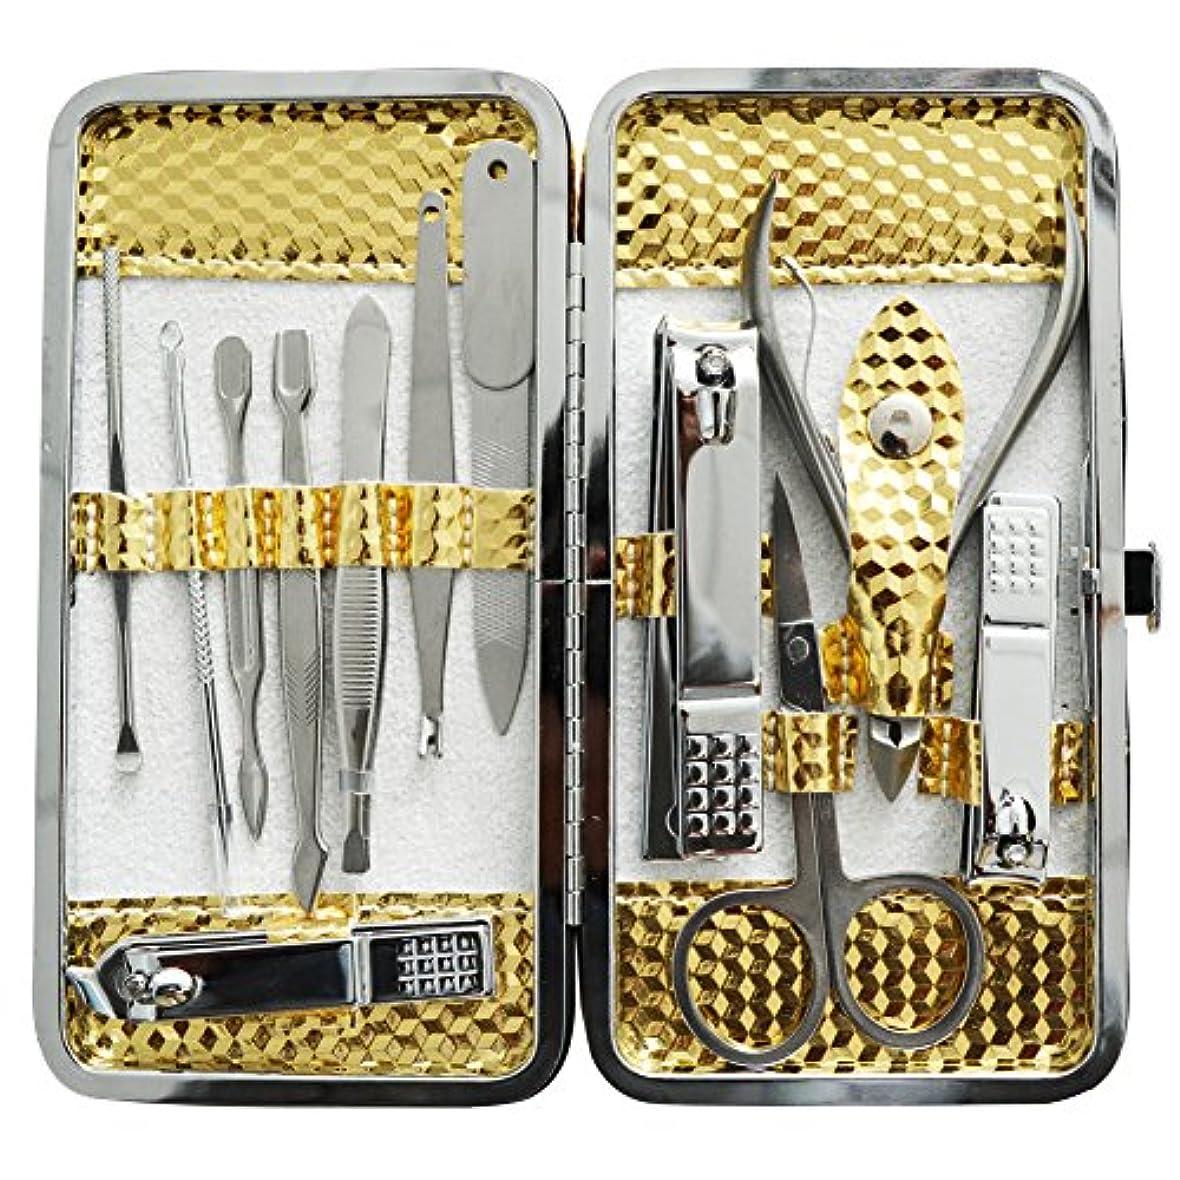 救い契約する白鳥爪切りセット 耳掃除機 12枚はさみ、キューティクルをトリマー、耳かき、ナイフ